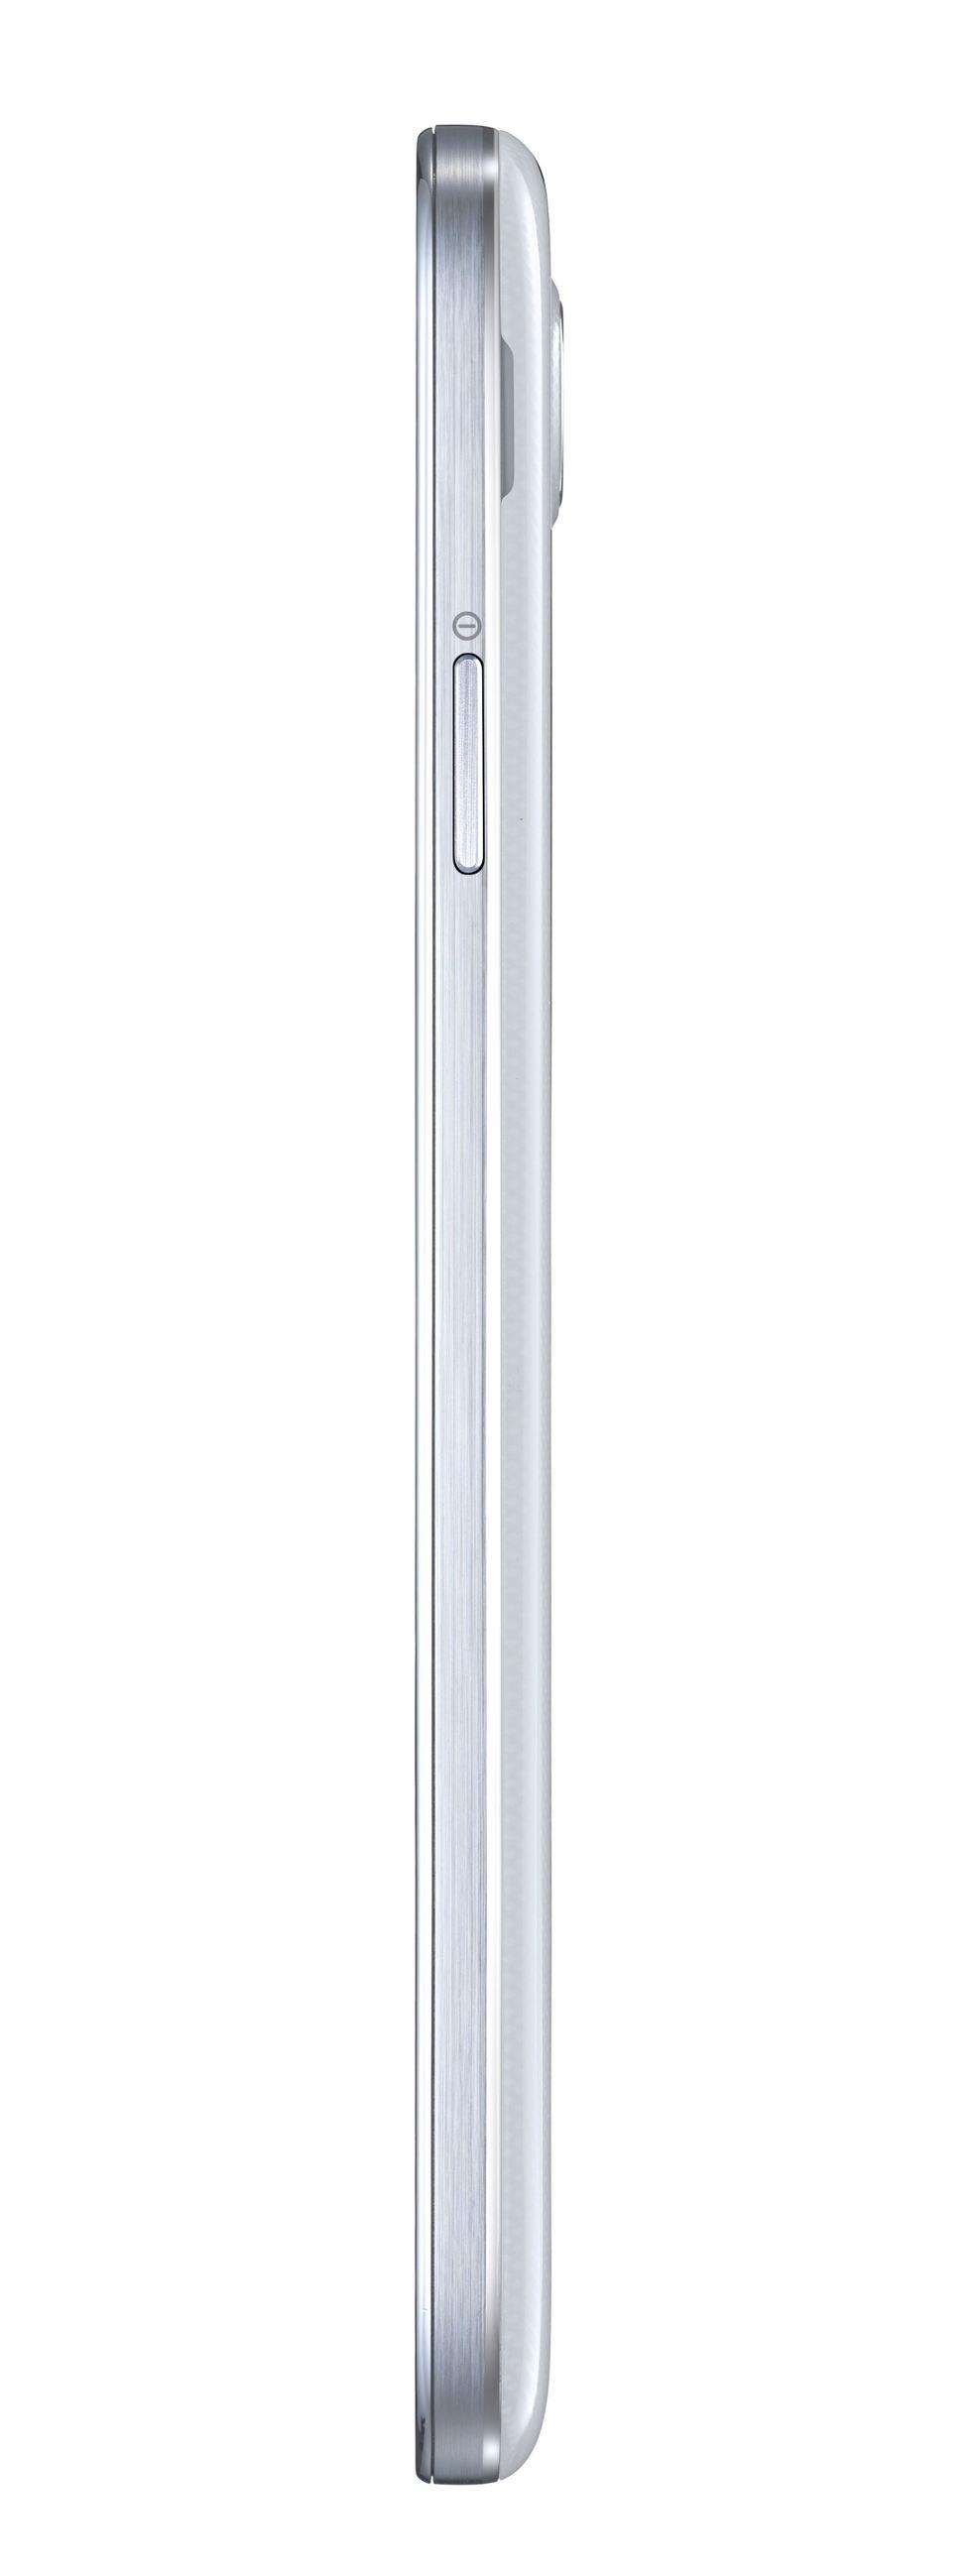 Lateral derecho del Samsung Galaxy S4 Blanco